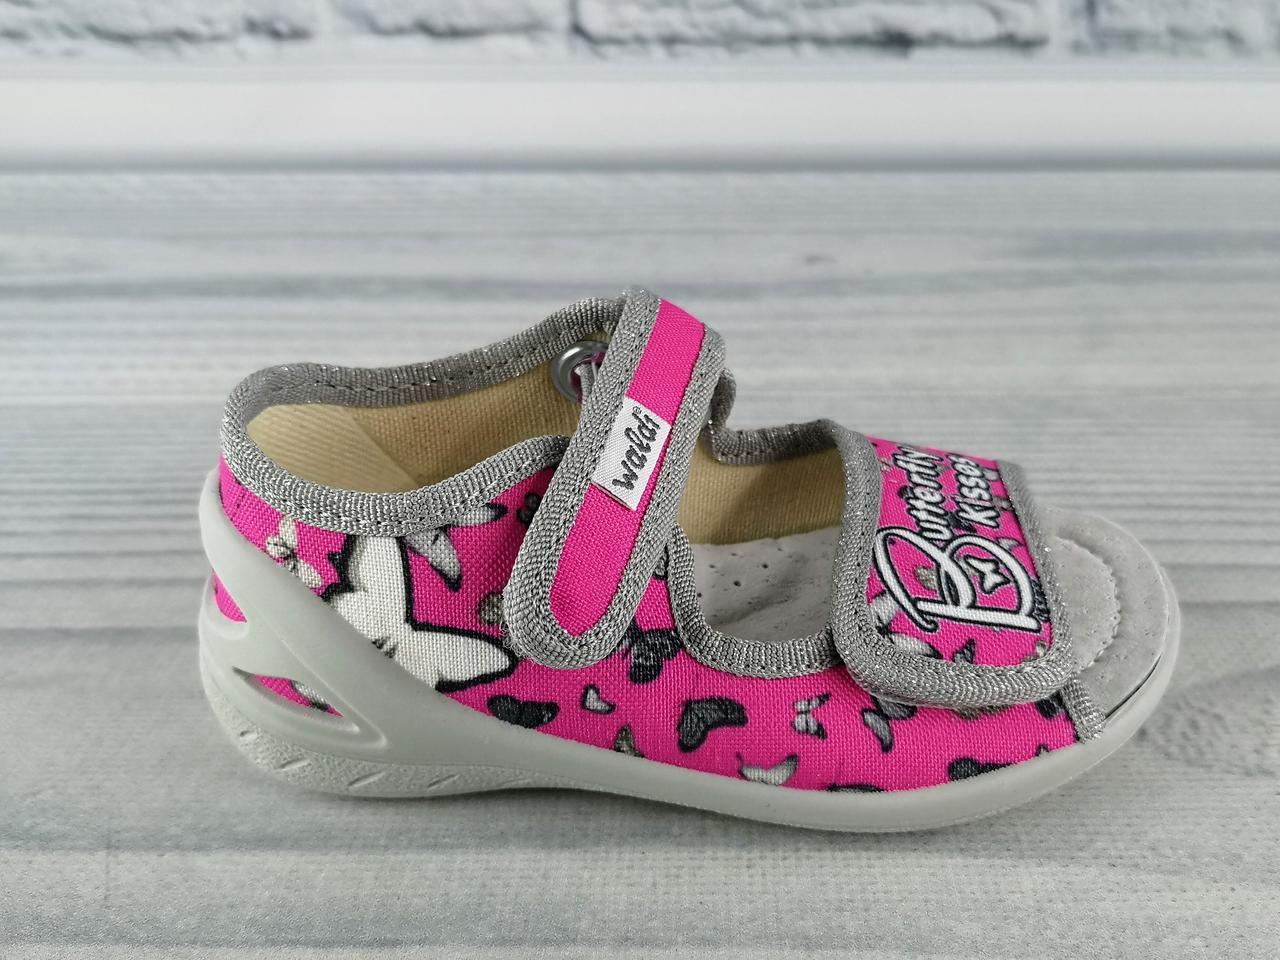 83b12fbbf Текстильная обувь для девочек. Босоножки Ева. Бабочки Розовый/серый Waldi  Украина